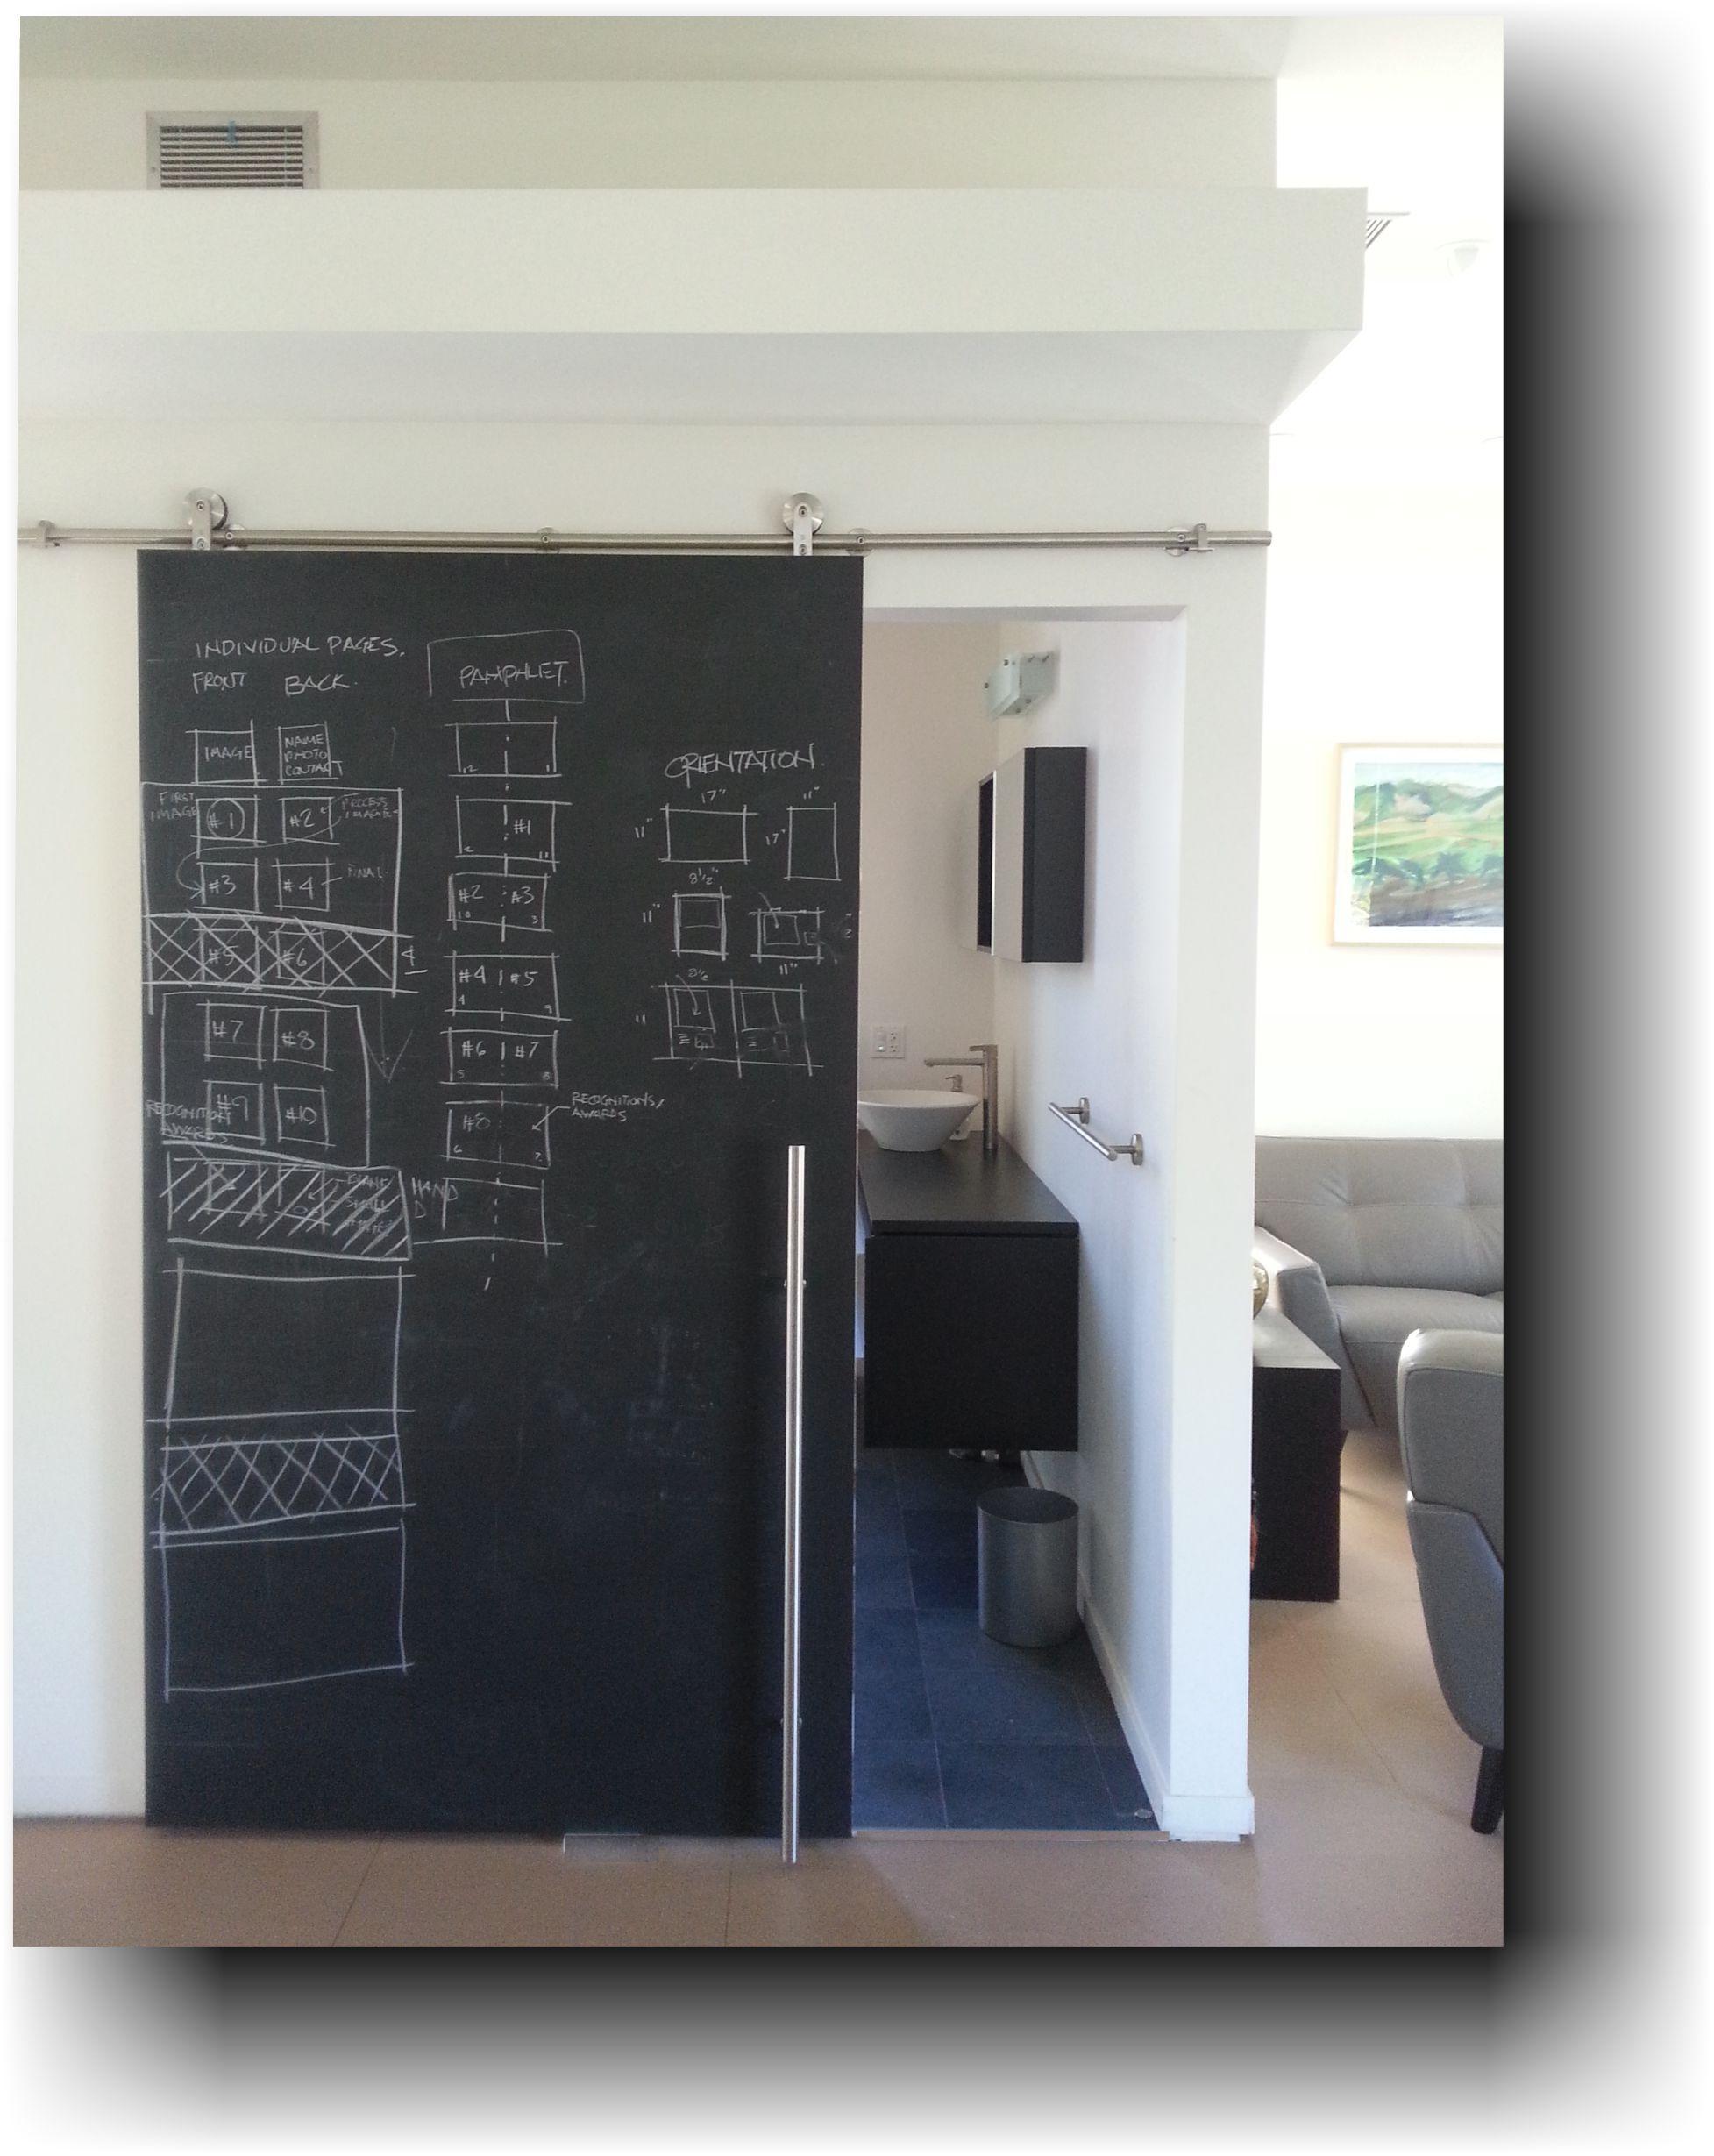 Office Bathroom Door -s3.jpg